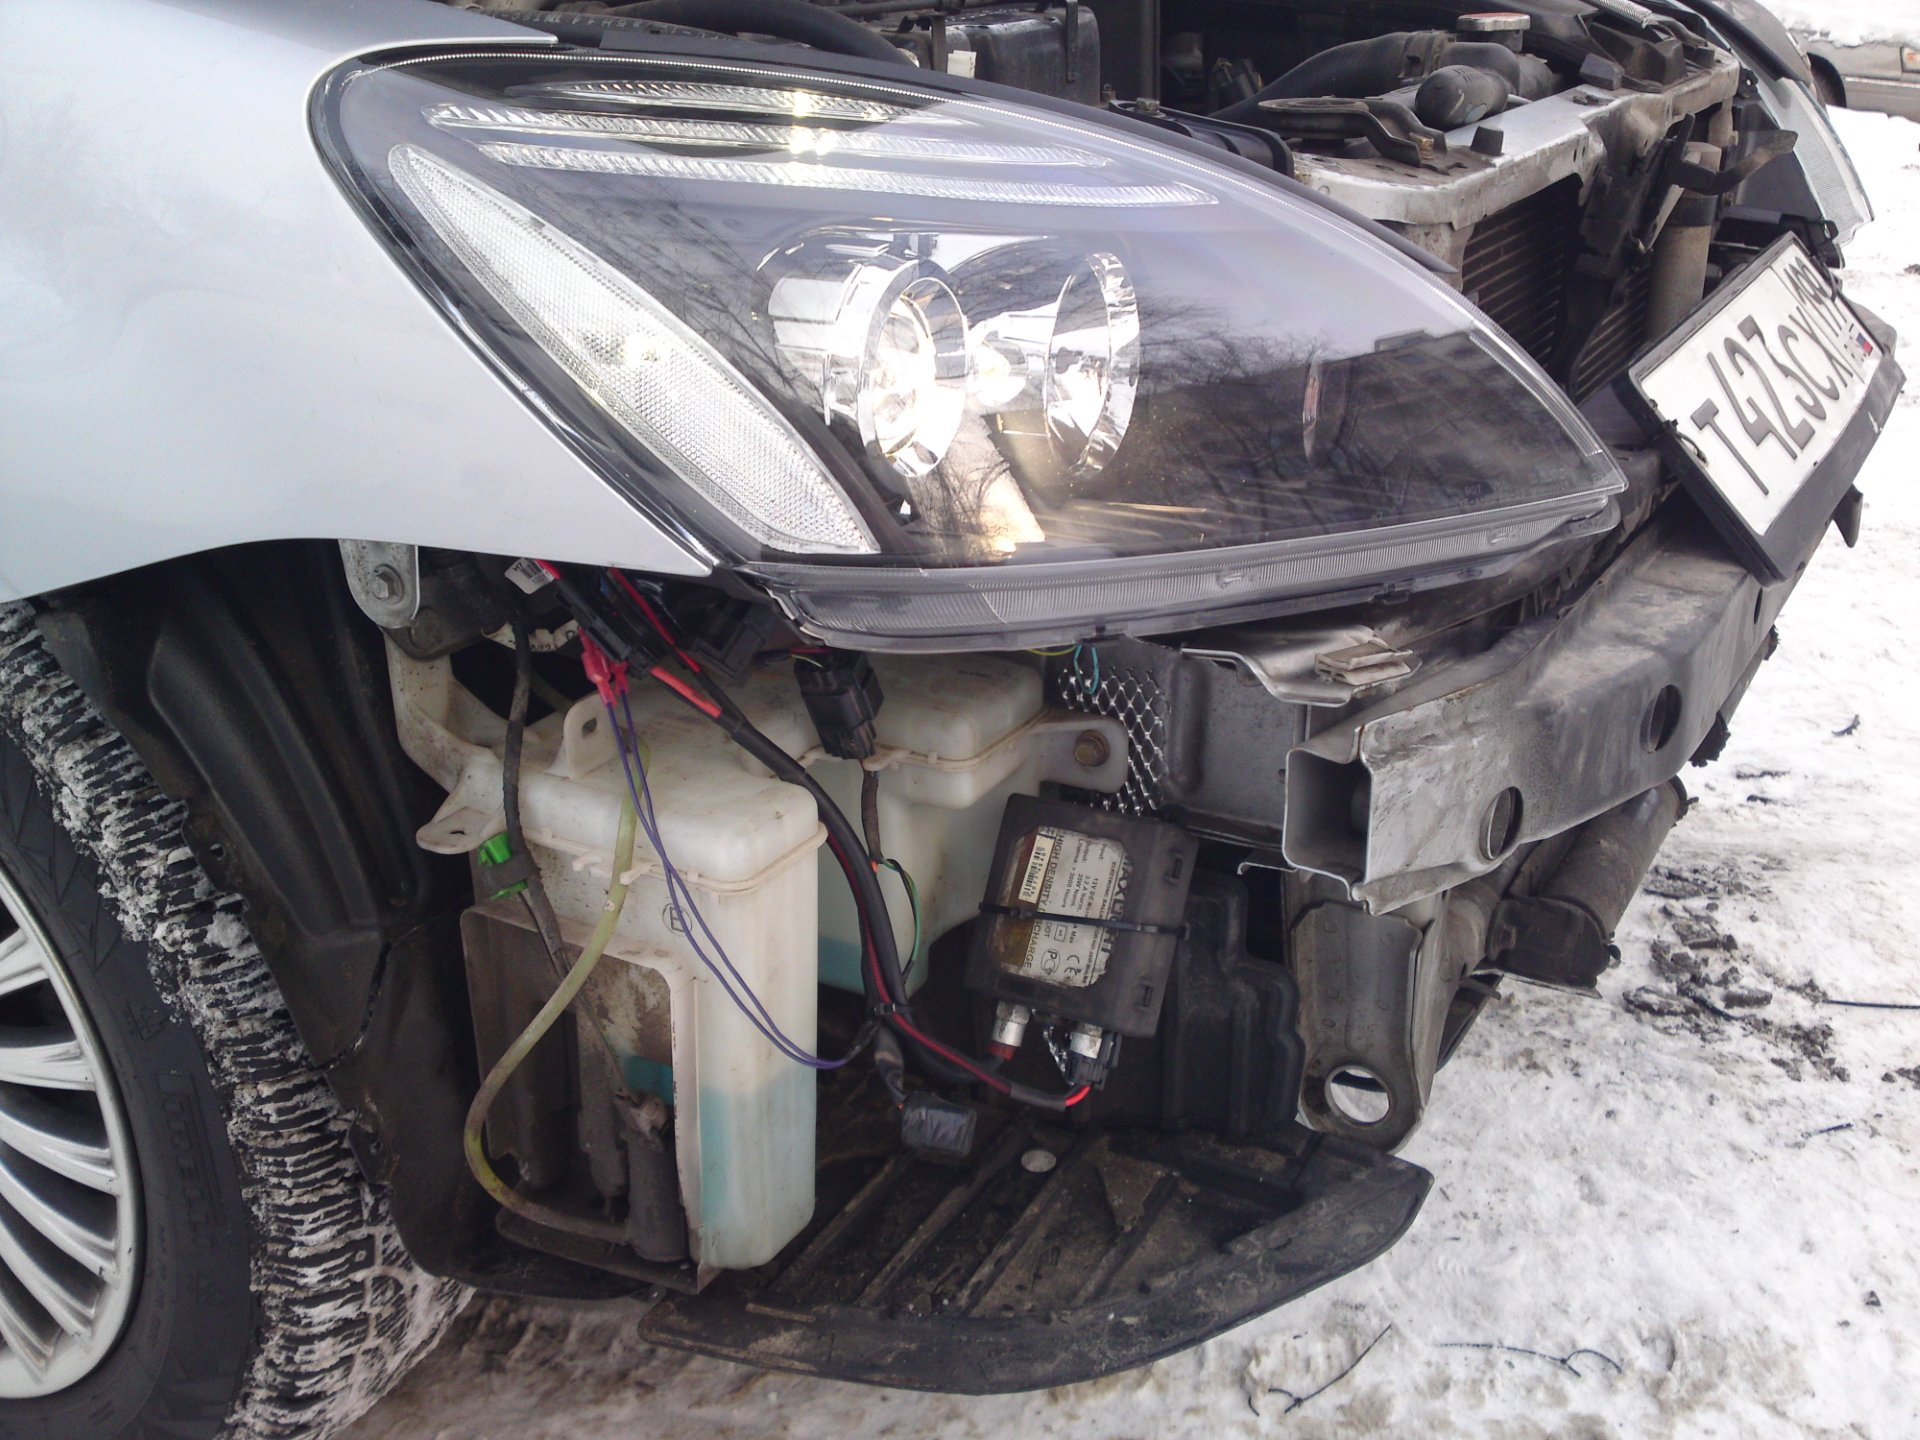 Подключал их по инструкции.  Загораются вместе с пуском двигателя гаснут, когда выключишь двигатель или включить...